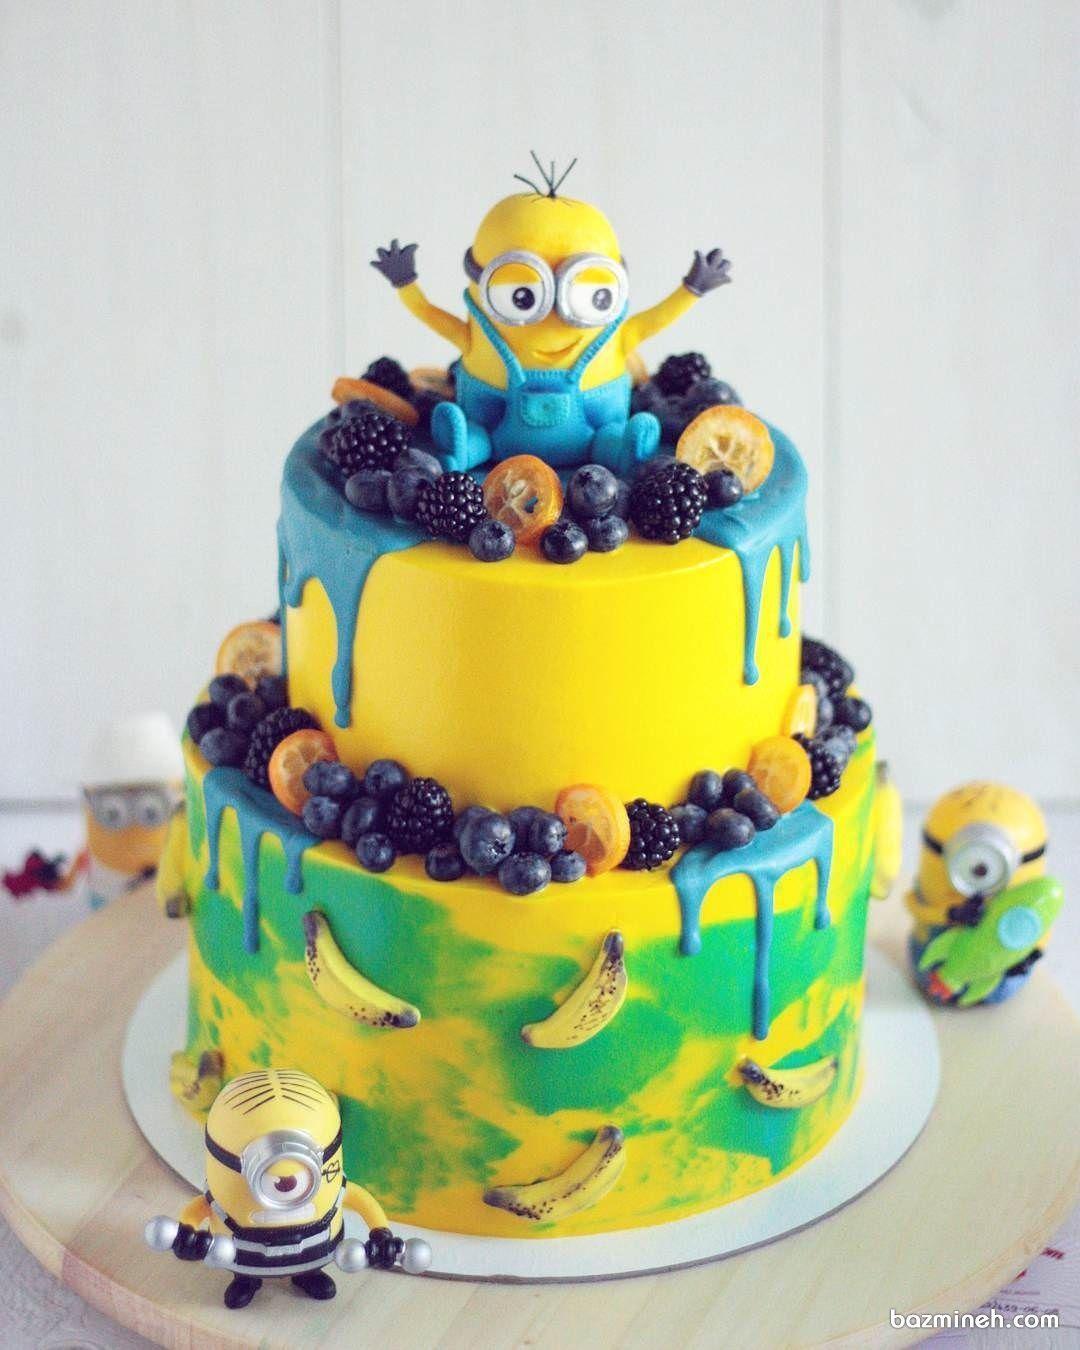 کیک تولد با طرح مینیون ها مناسب برای جشن تولد کودک Cake Birthday Cake Desserts